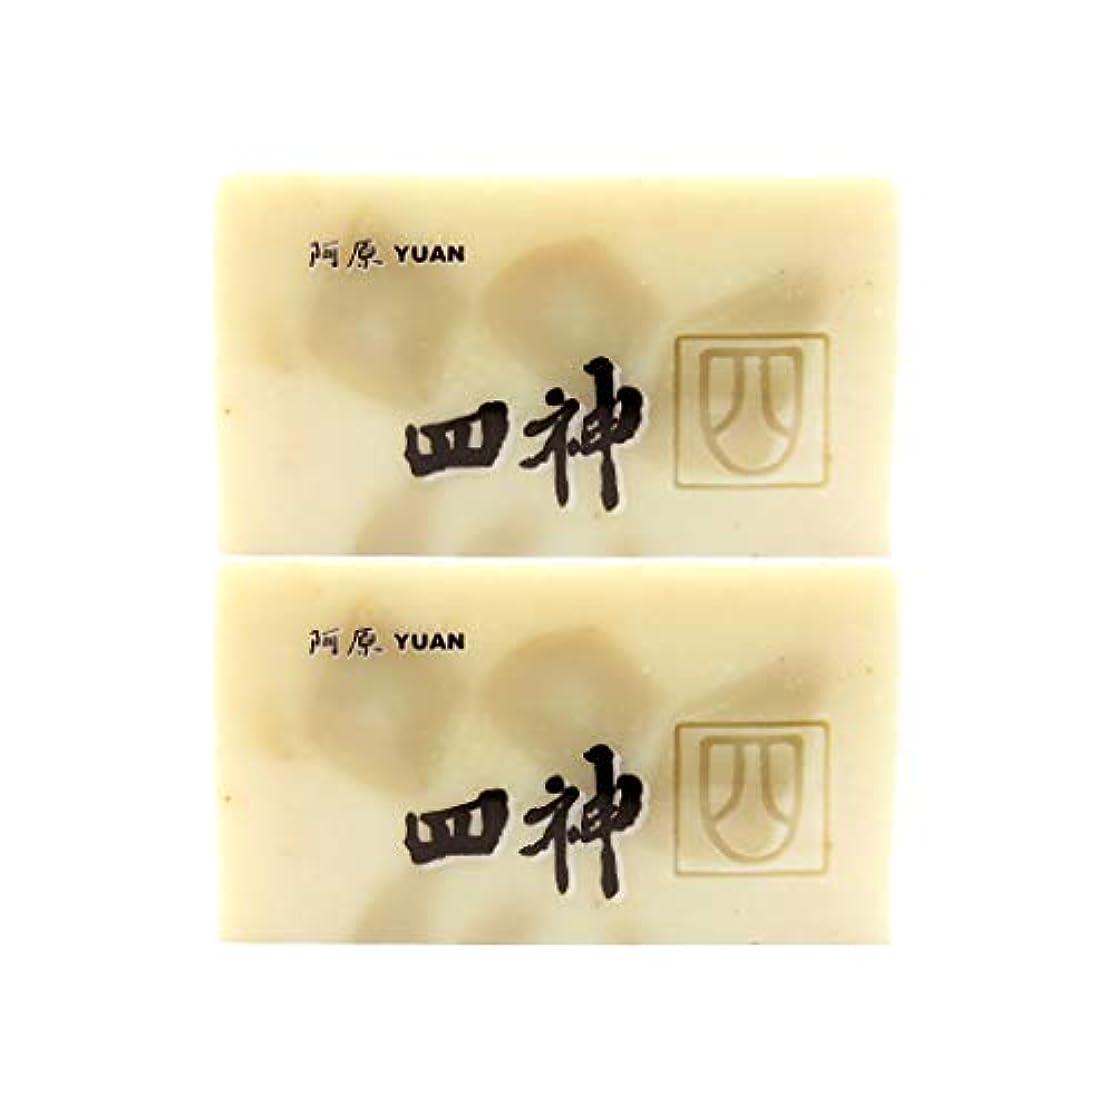 より方法論遊び場ユアン(YUAN) 四神ソープ 100g (2個セット)